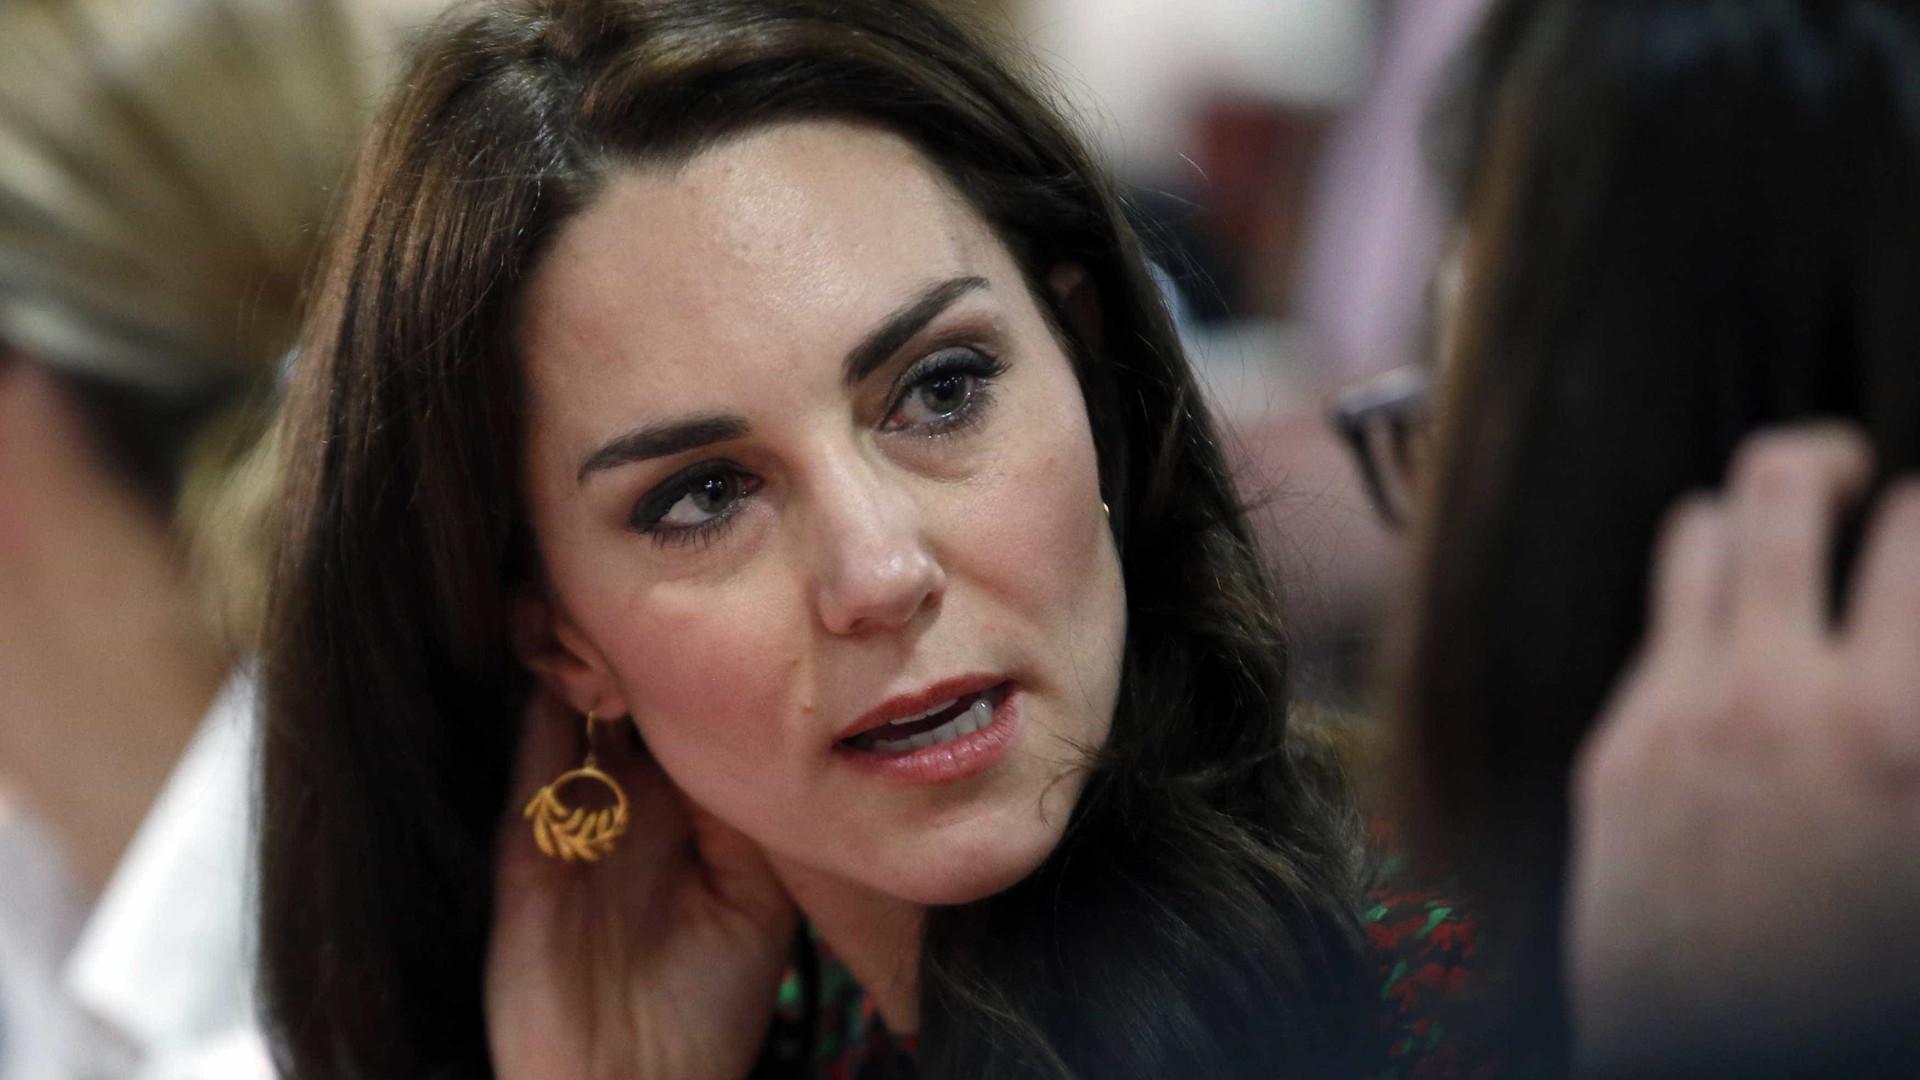 'Às vezes é solitário', diz Kate Middleton sobre ser mãe